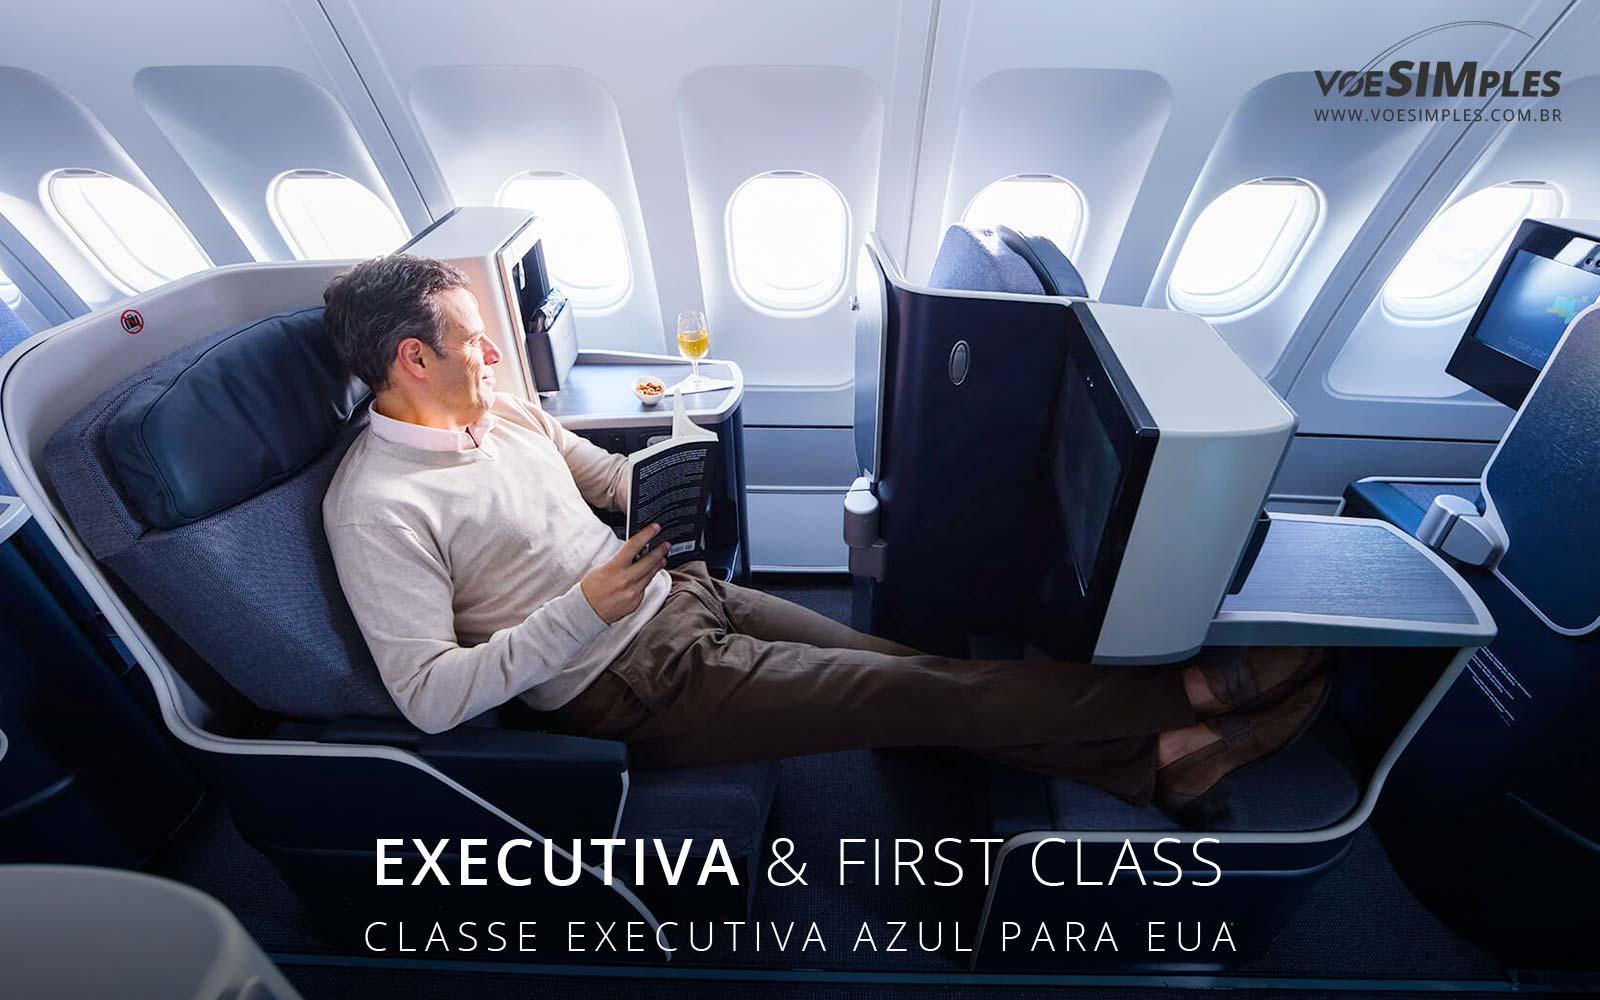 classe executiva azul